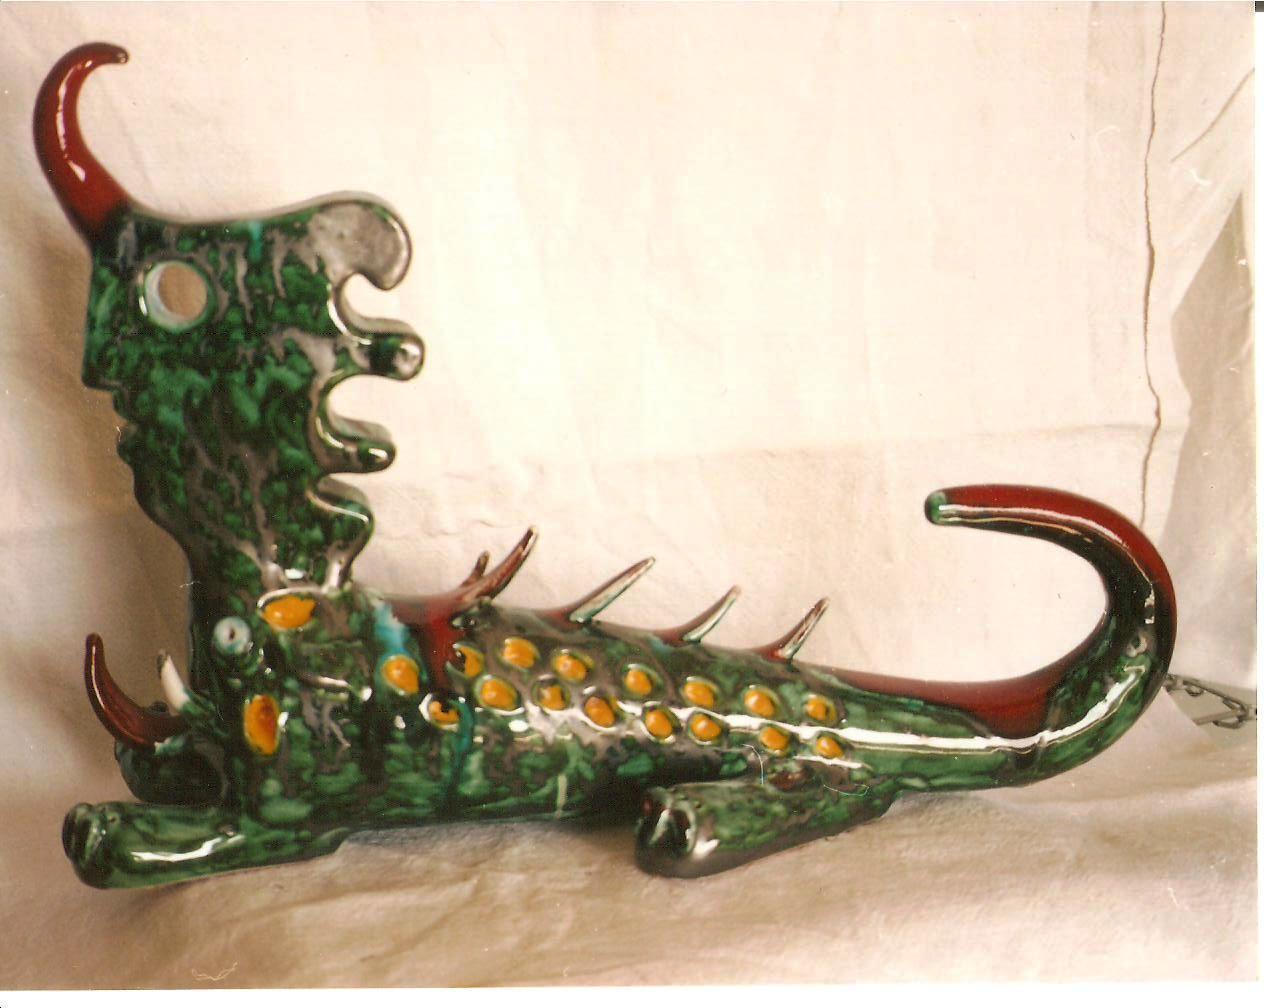 Animale bicefalo, 1995 ceramica artistica, Pio Mastrogiacomo, Acerno(SA)